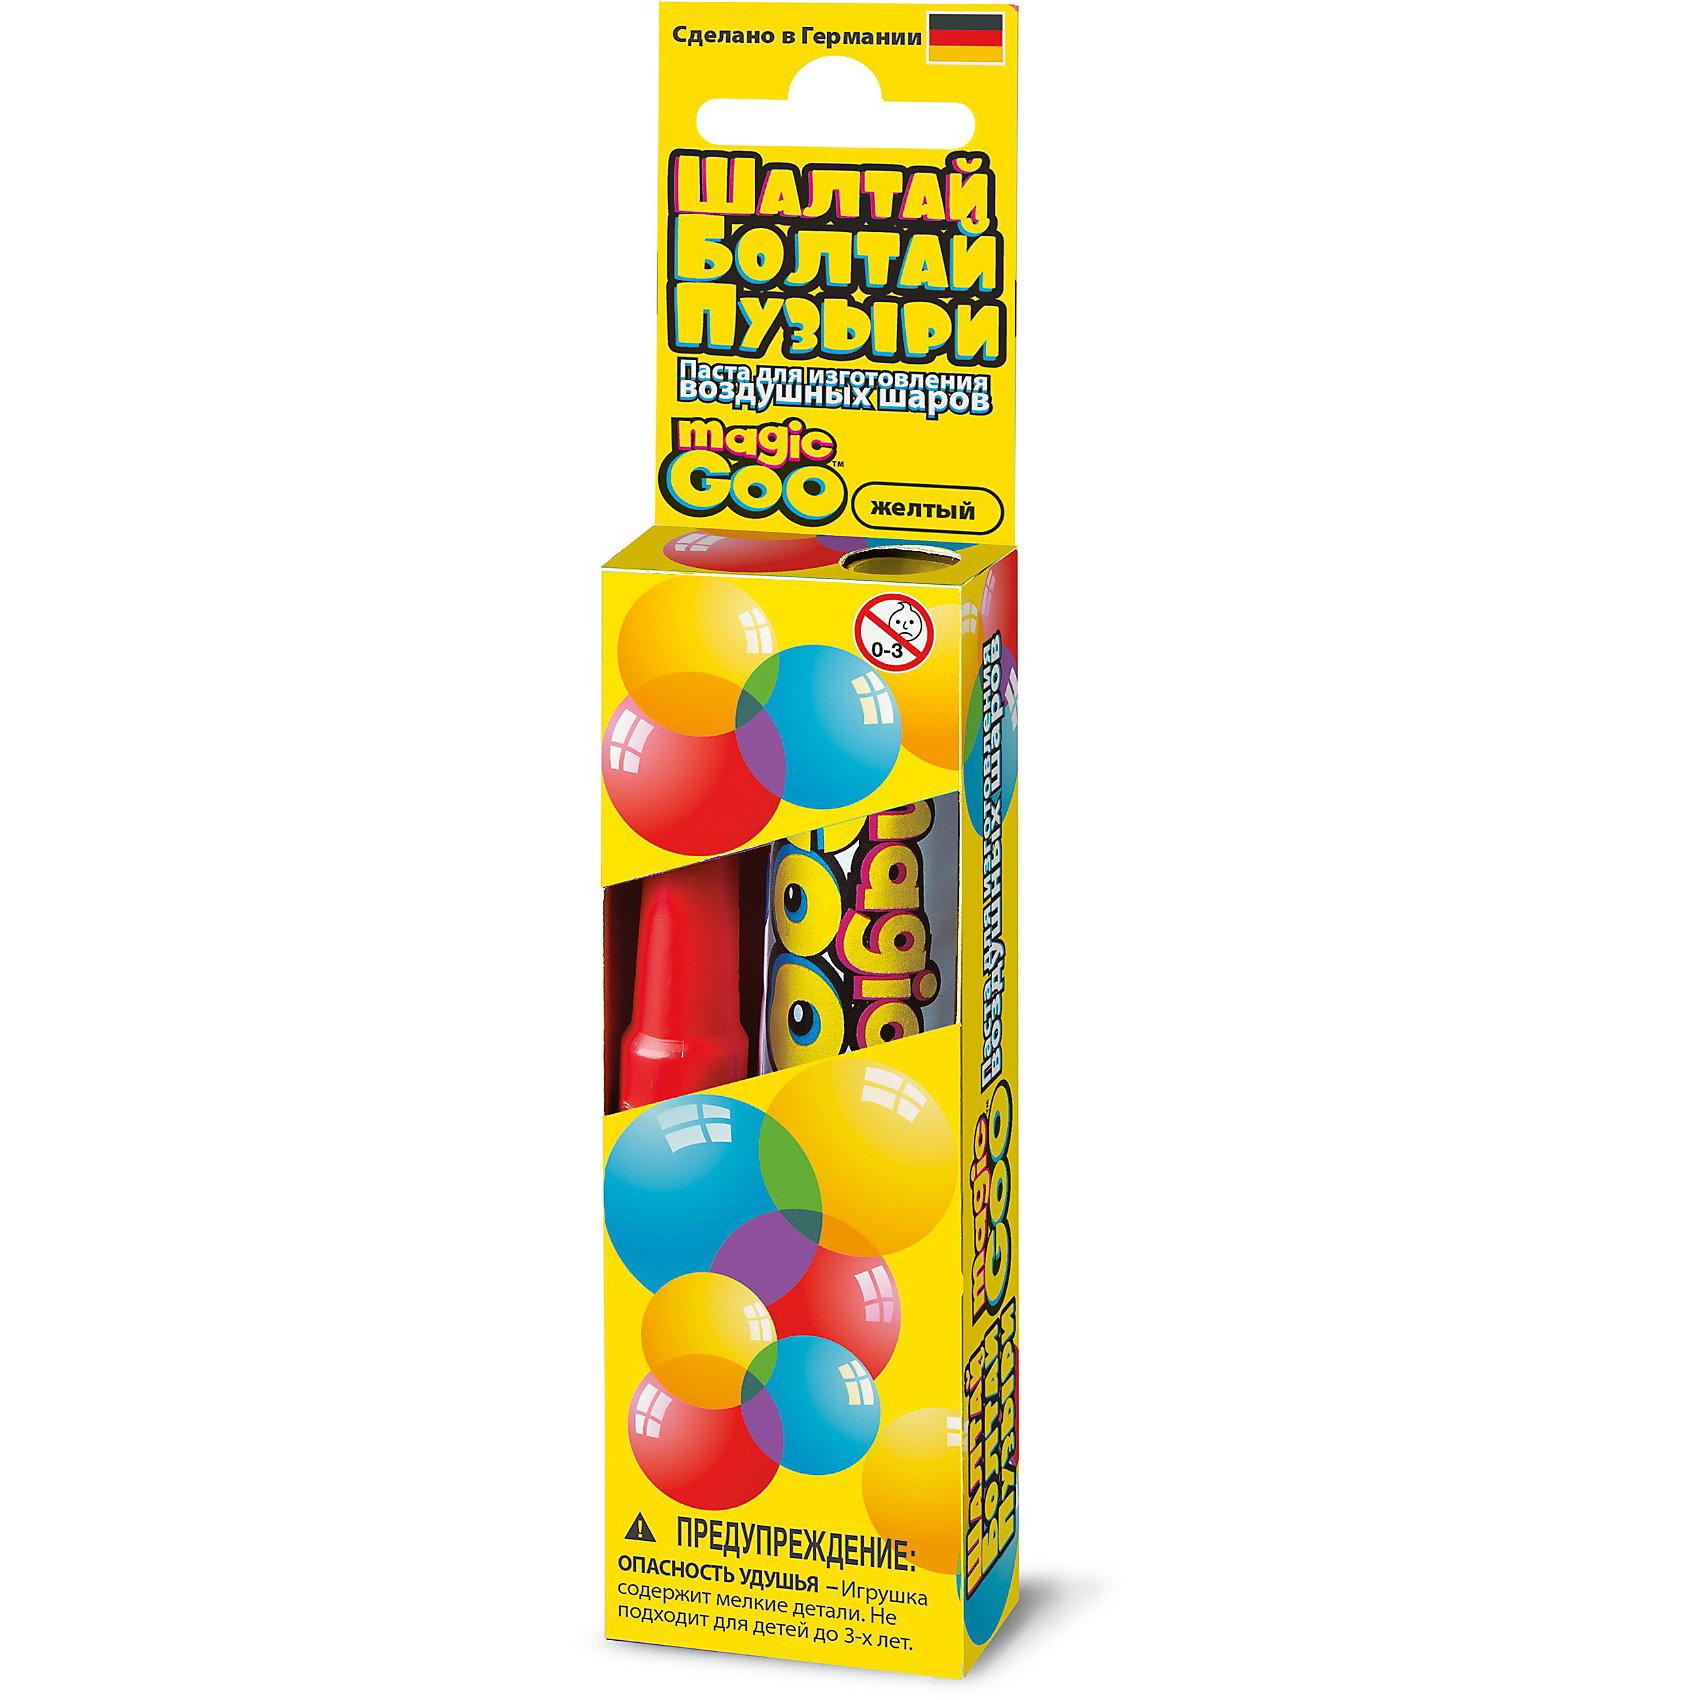 Шалтай-Болтай пузыри желтые, 4M 00-06300YСоздайте с помощью набора 4M Шалтай-Болтай гигантские, яркие и прочные пузыри, которые не лопнут в руках ребенка и позволят создать различные постройки и фигуры животных! В комплект входит:<br>- Тюбик с пастой для выдувания пузырей, 20 гр.<br>- Трубочка для выдувания пузырей<br>- Инструкция<br><br> <br><br><br>Как создать мыльный пузырь<br><br>    Смочите пальцы и нанесите небольшое количество пасты на кончик трубочки. Размер шара зависит от количества пасты нанесенной на трубочку.<br>    Подуйте в трубочку с другого конца, сначала слабо, потом немного сильнее. Если шарик прорвался, просто сожмите края дырочки вместе. Внутри трубочки есть предохранительный клапан, который не дает воздуху выйти из шара.<br>    После получения необходимого размера шара снимите его с трубочки, плотно прижав края отверстия, через которое идет воздух. Шарик готов!<br><br>Выдутый пузырь диаметром 50 см. впечатлит не только ребенка, но и взрослого! Удивите своих детей такими необычными наборами от компании 4M!<br><br>Ширина мм: 120<br>Глубина мм: 40<br>Высота мм: 20<br>Вес г: 50<br>Возраст от месяцев: 60<br>Возраст до месяцев: 96<br>Пол: Унисекс<br>Возраст: Детский<br>SKU: 3790345